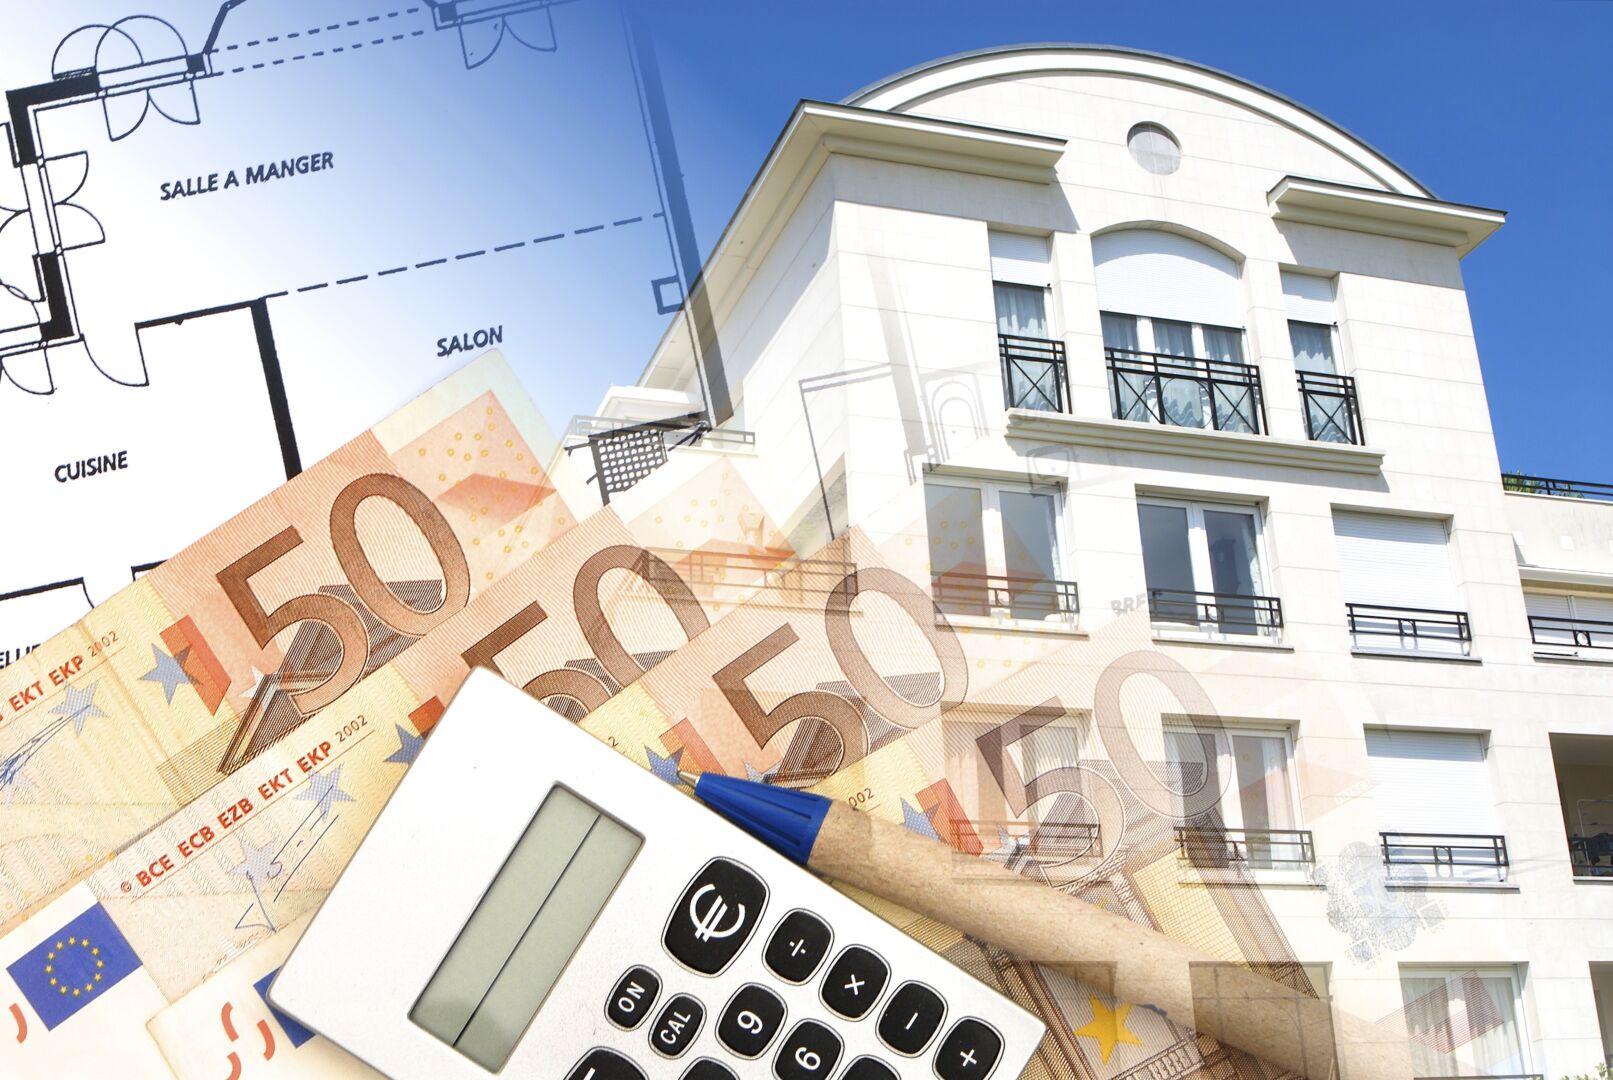 Le gouvernement réfléchit à un « Super-Pinel » pour accélérer la construction de logements